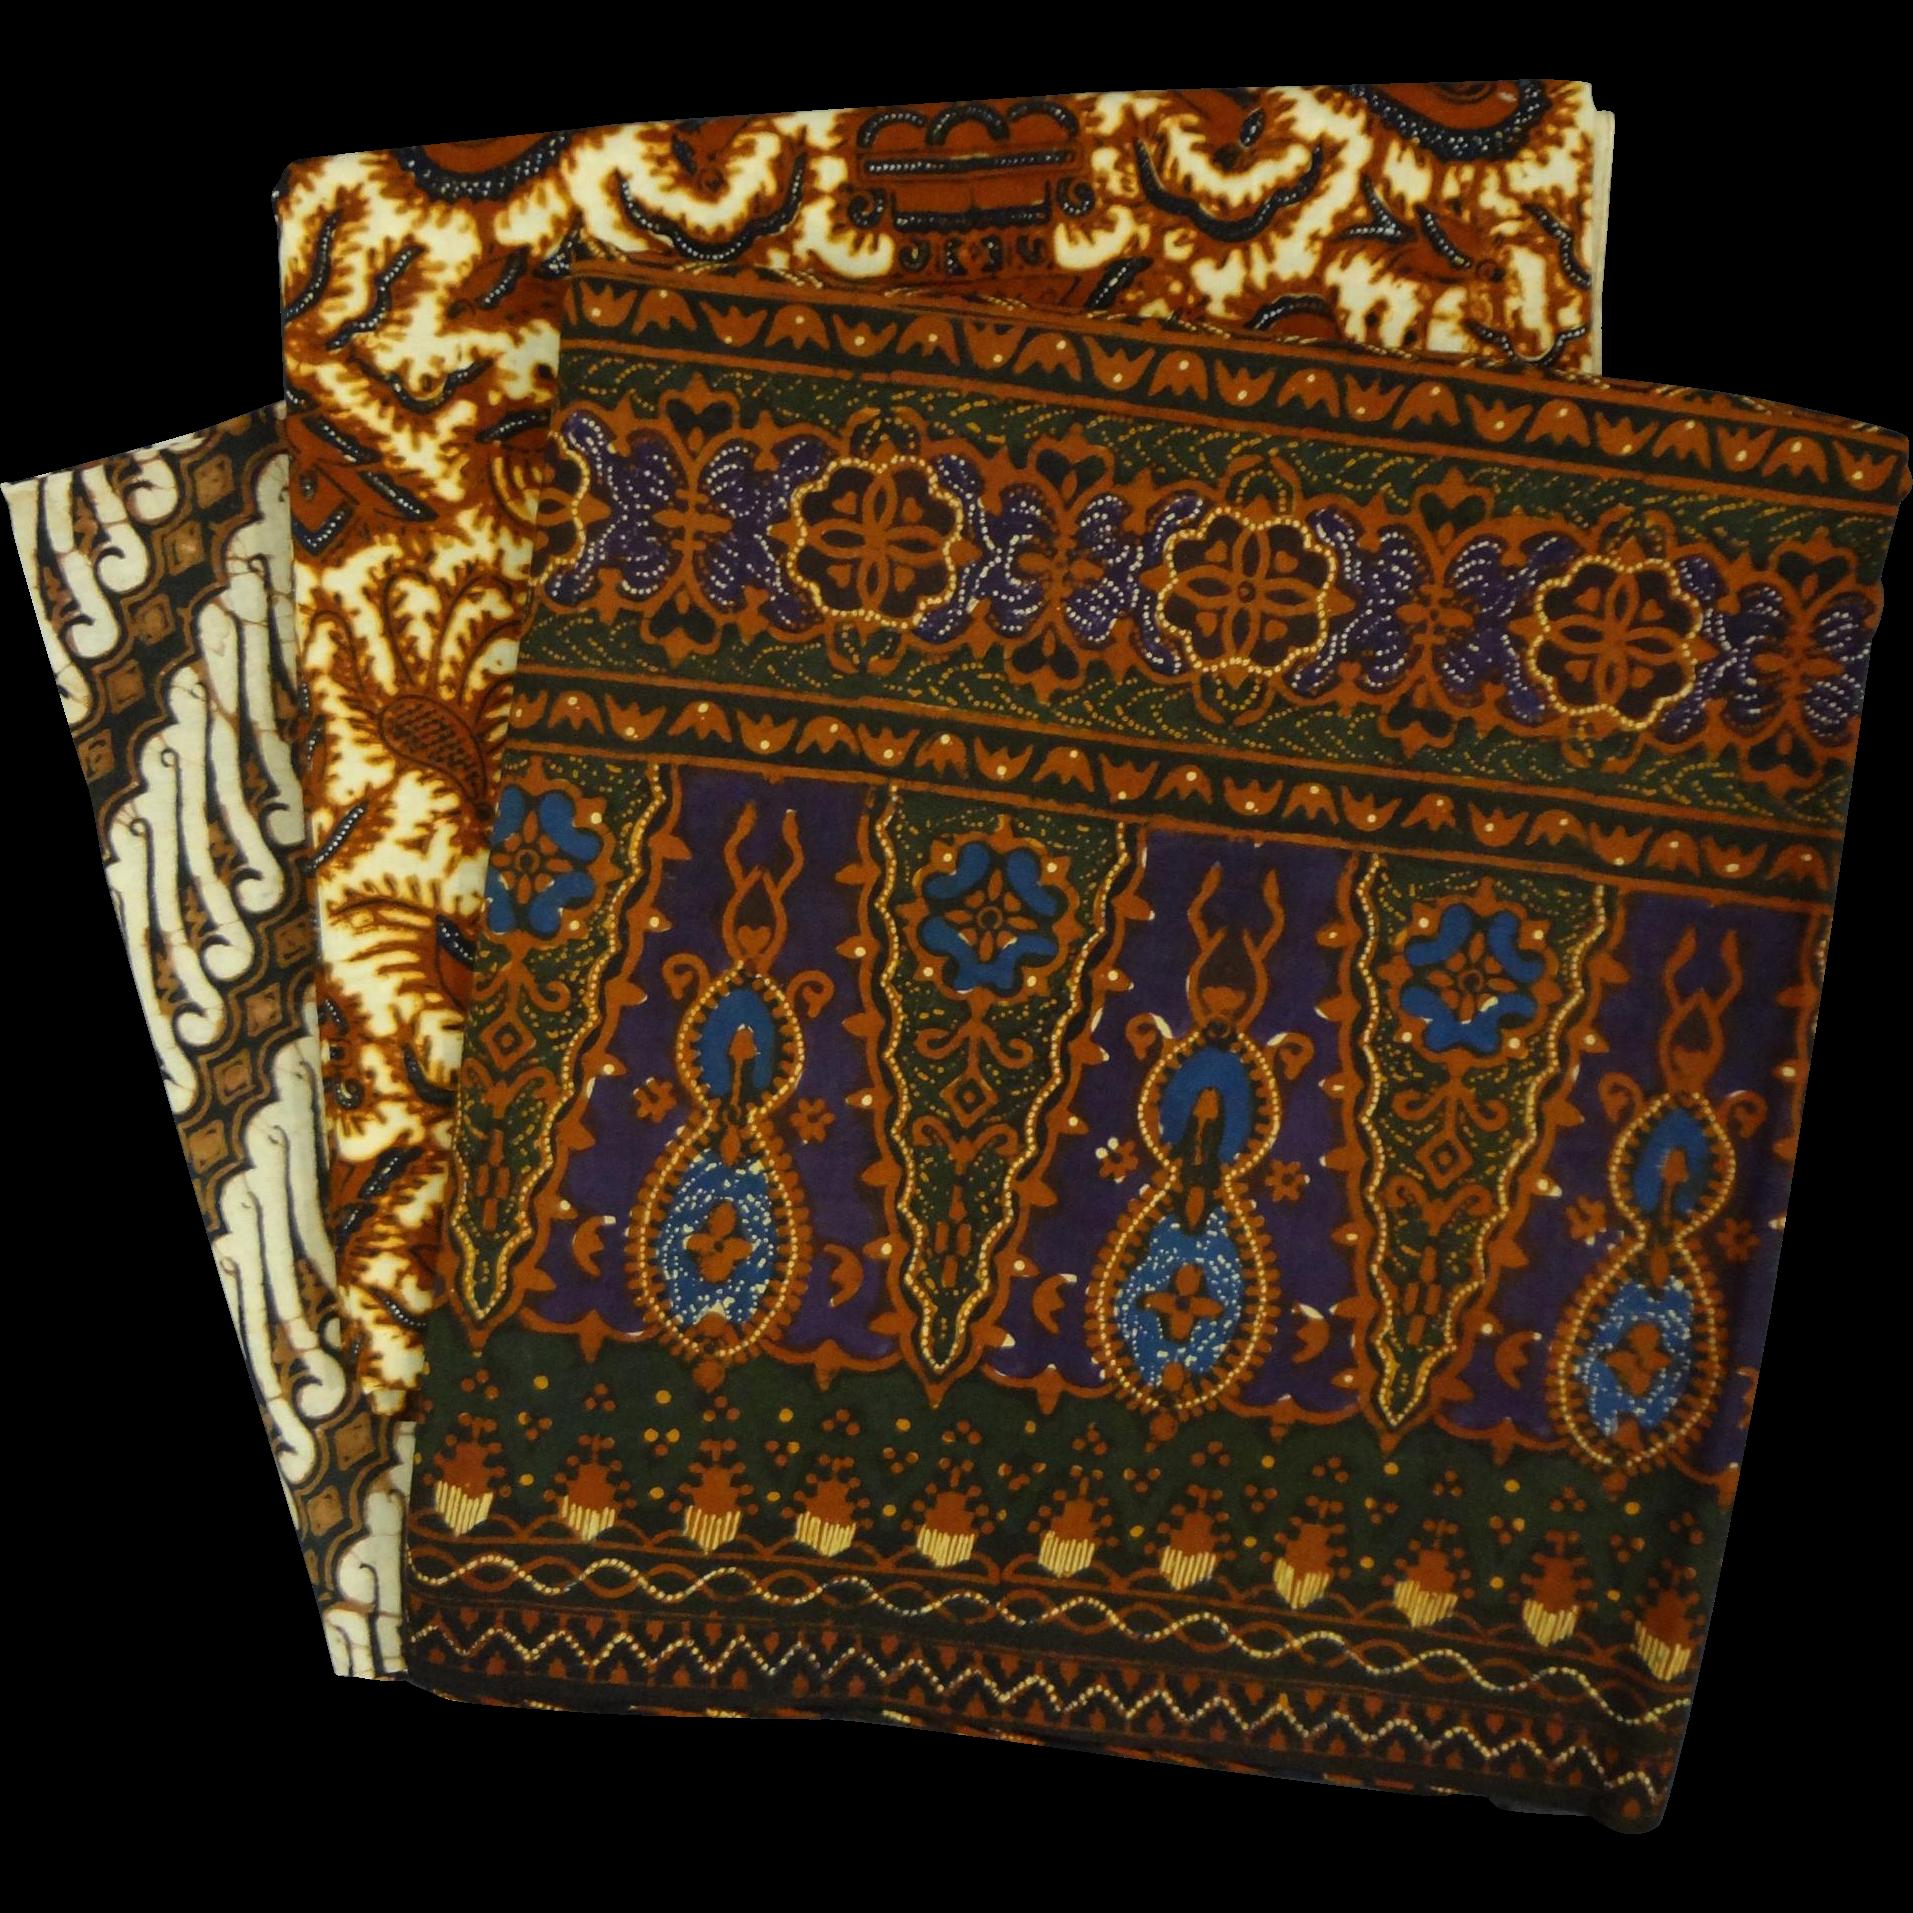 Lot Indonesian Batik Kain Panjang Wax Dyed Cotton Textiles